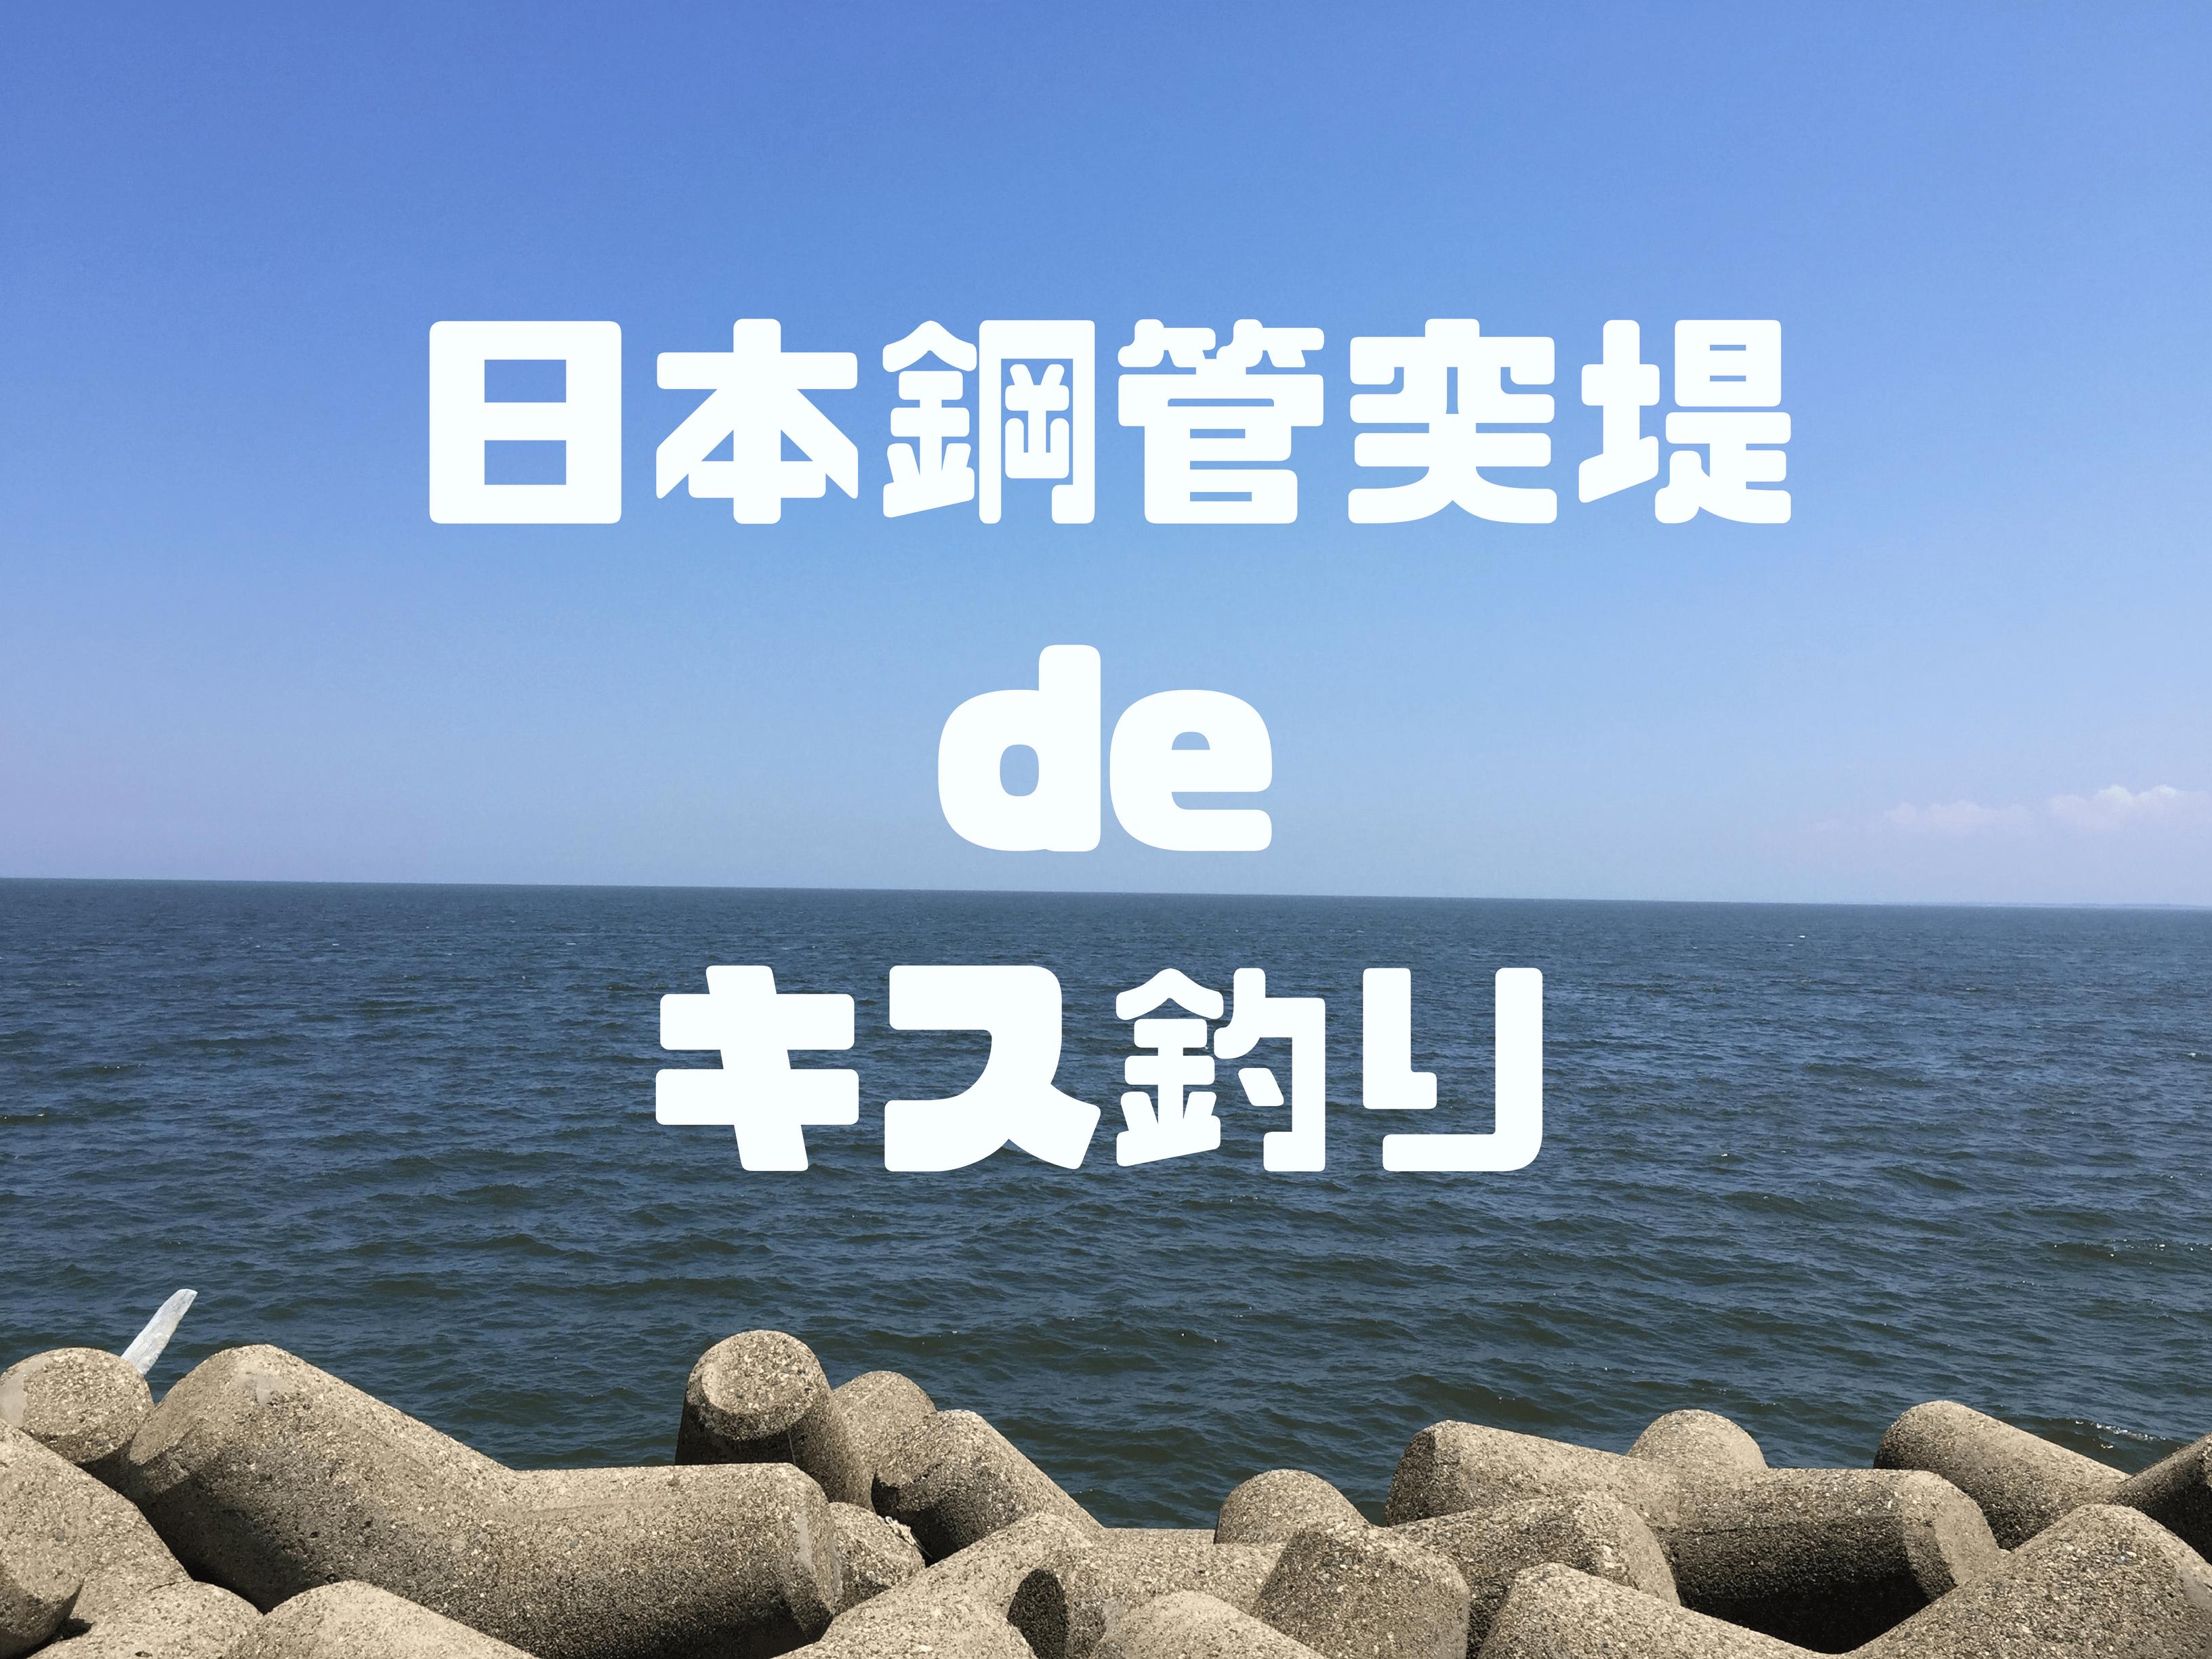 三重県津市の日本鋼管突堤でキス釣り